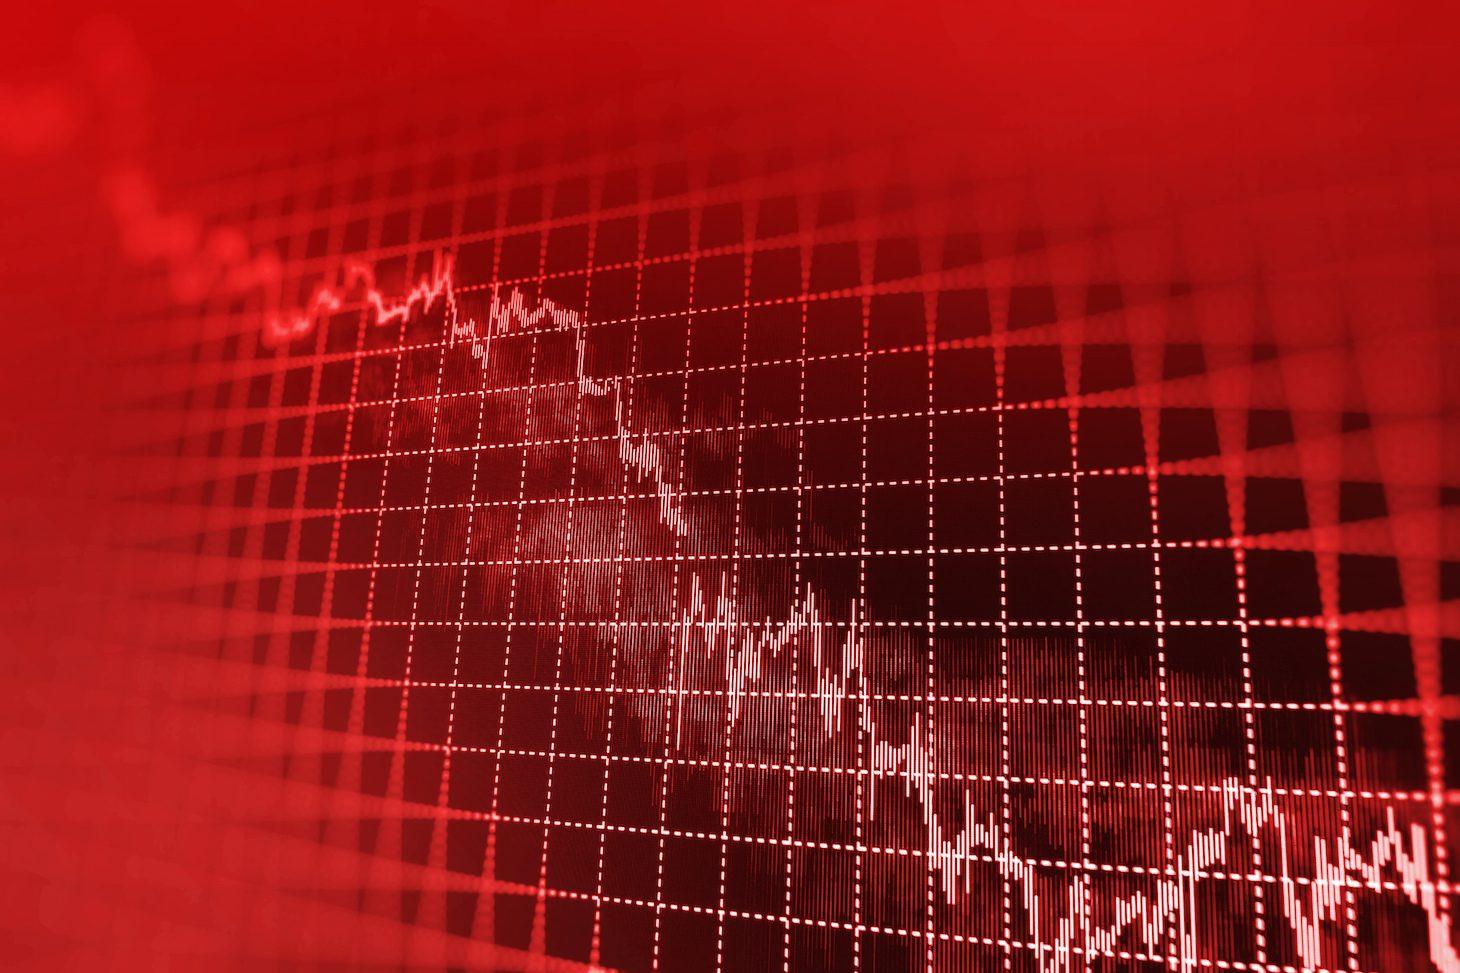 giá bitcoin: Cập nhật giá ngày 11/08: Bitcoin đột ngột giảm, Altcoin lưỡng lự